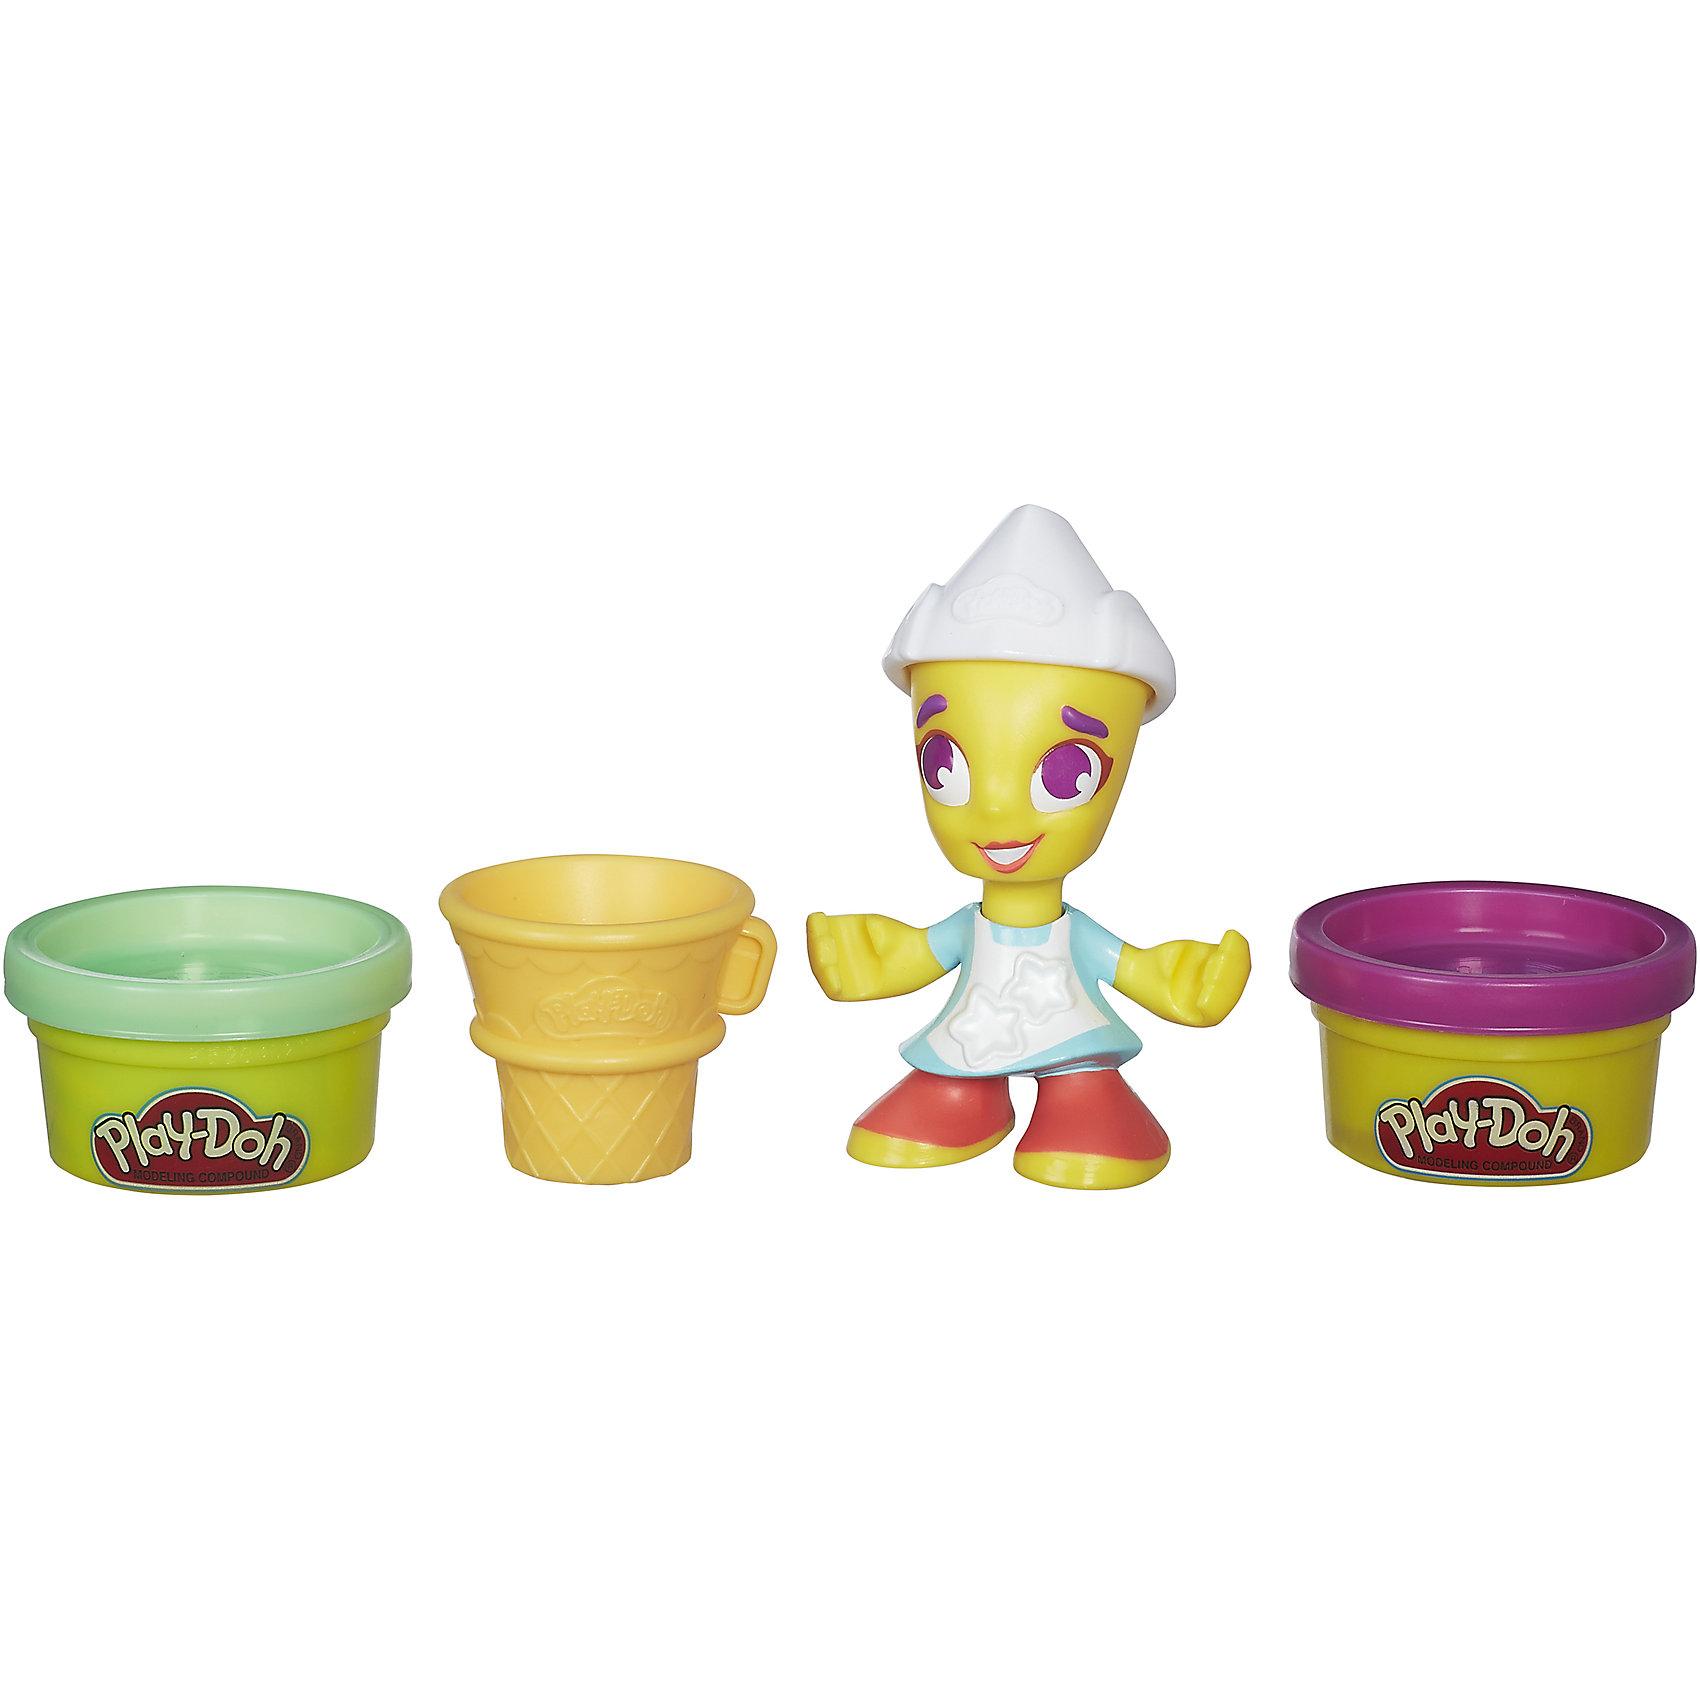 Hasbro Игровой набор Фигурки, Город, Play-Doh, B5960/B5978 всё для лепки play doh игровой набор город магазинчик домашних питомцев